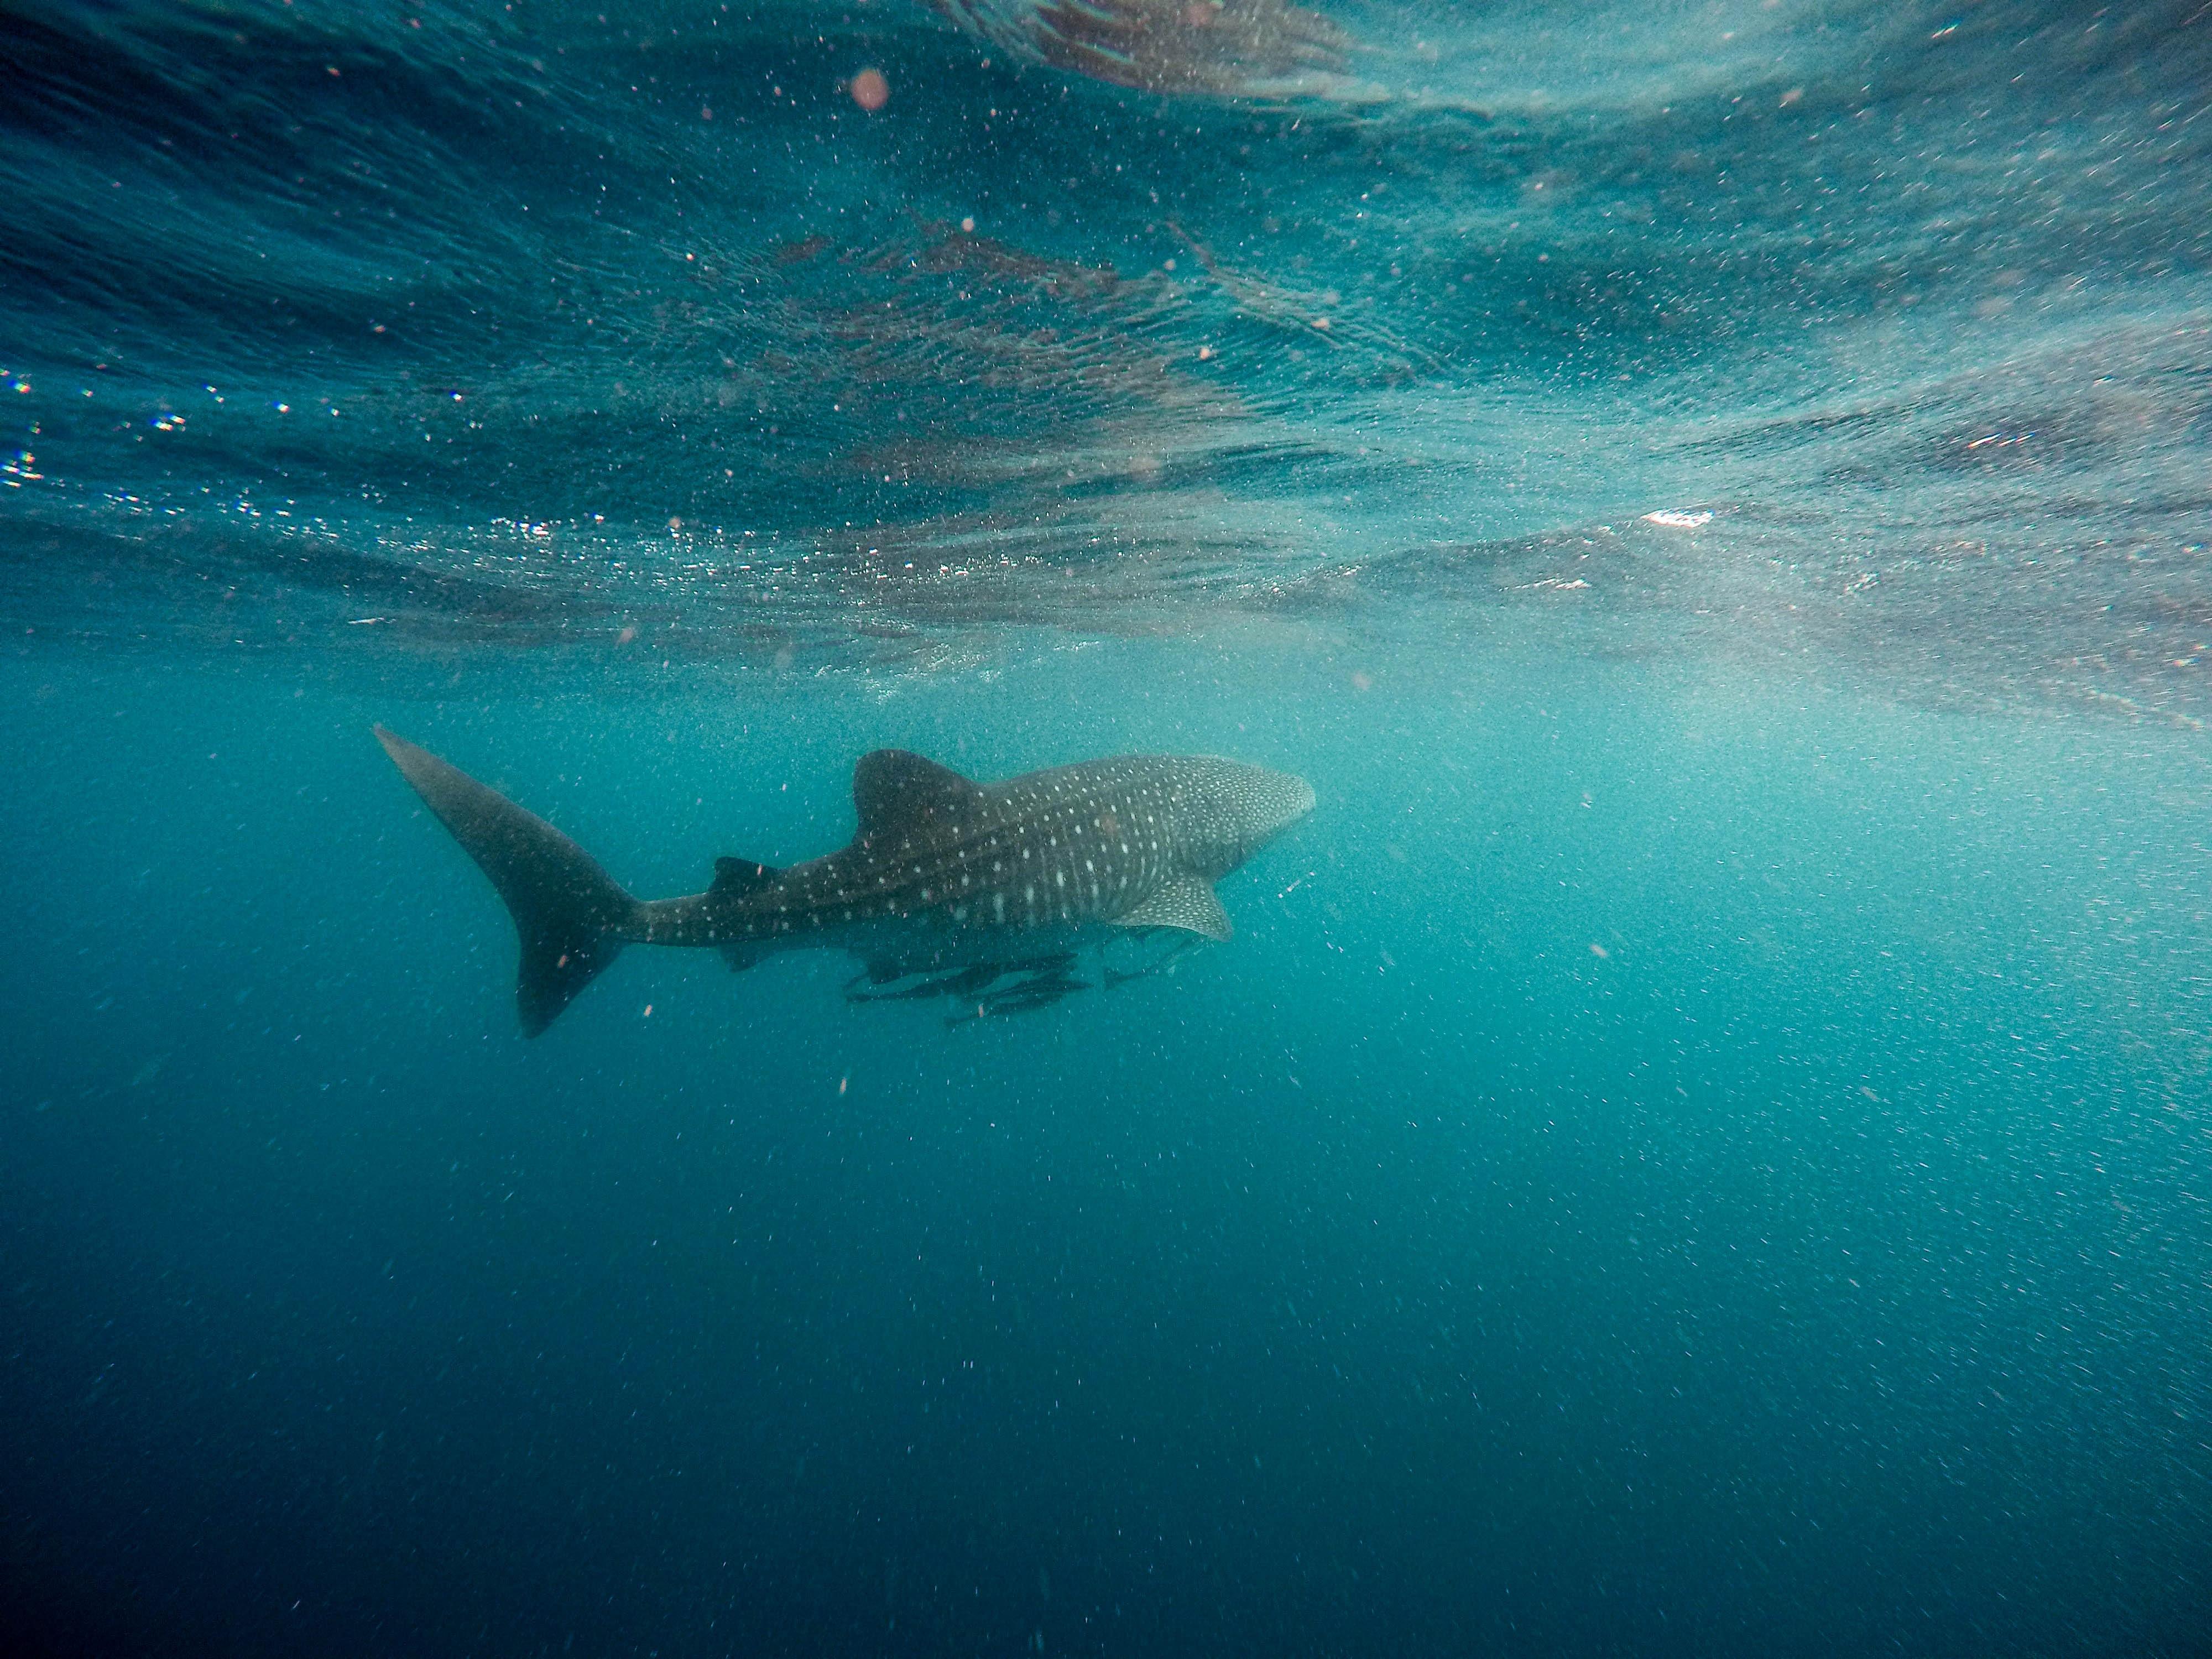 whale shark swimming underwater